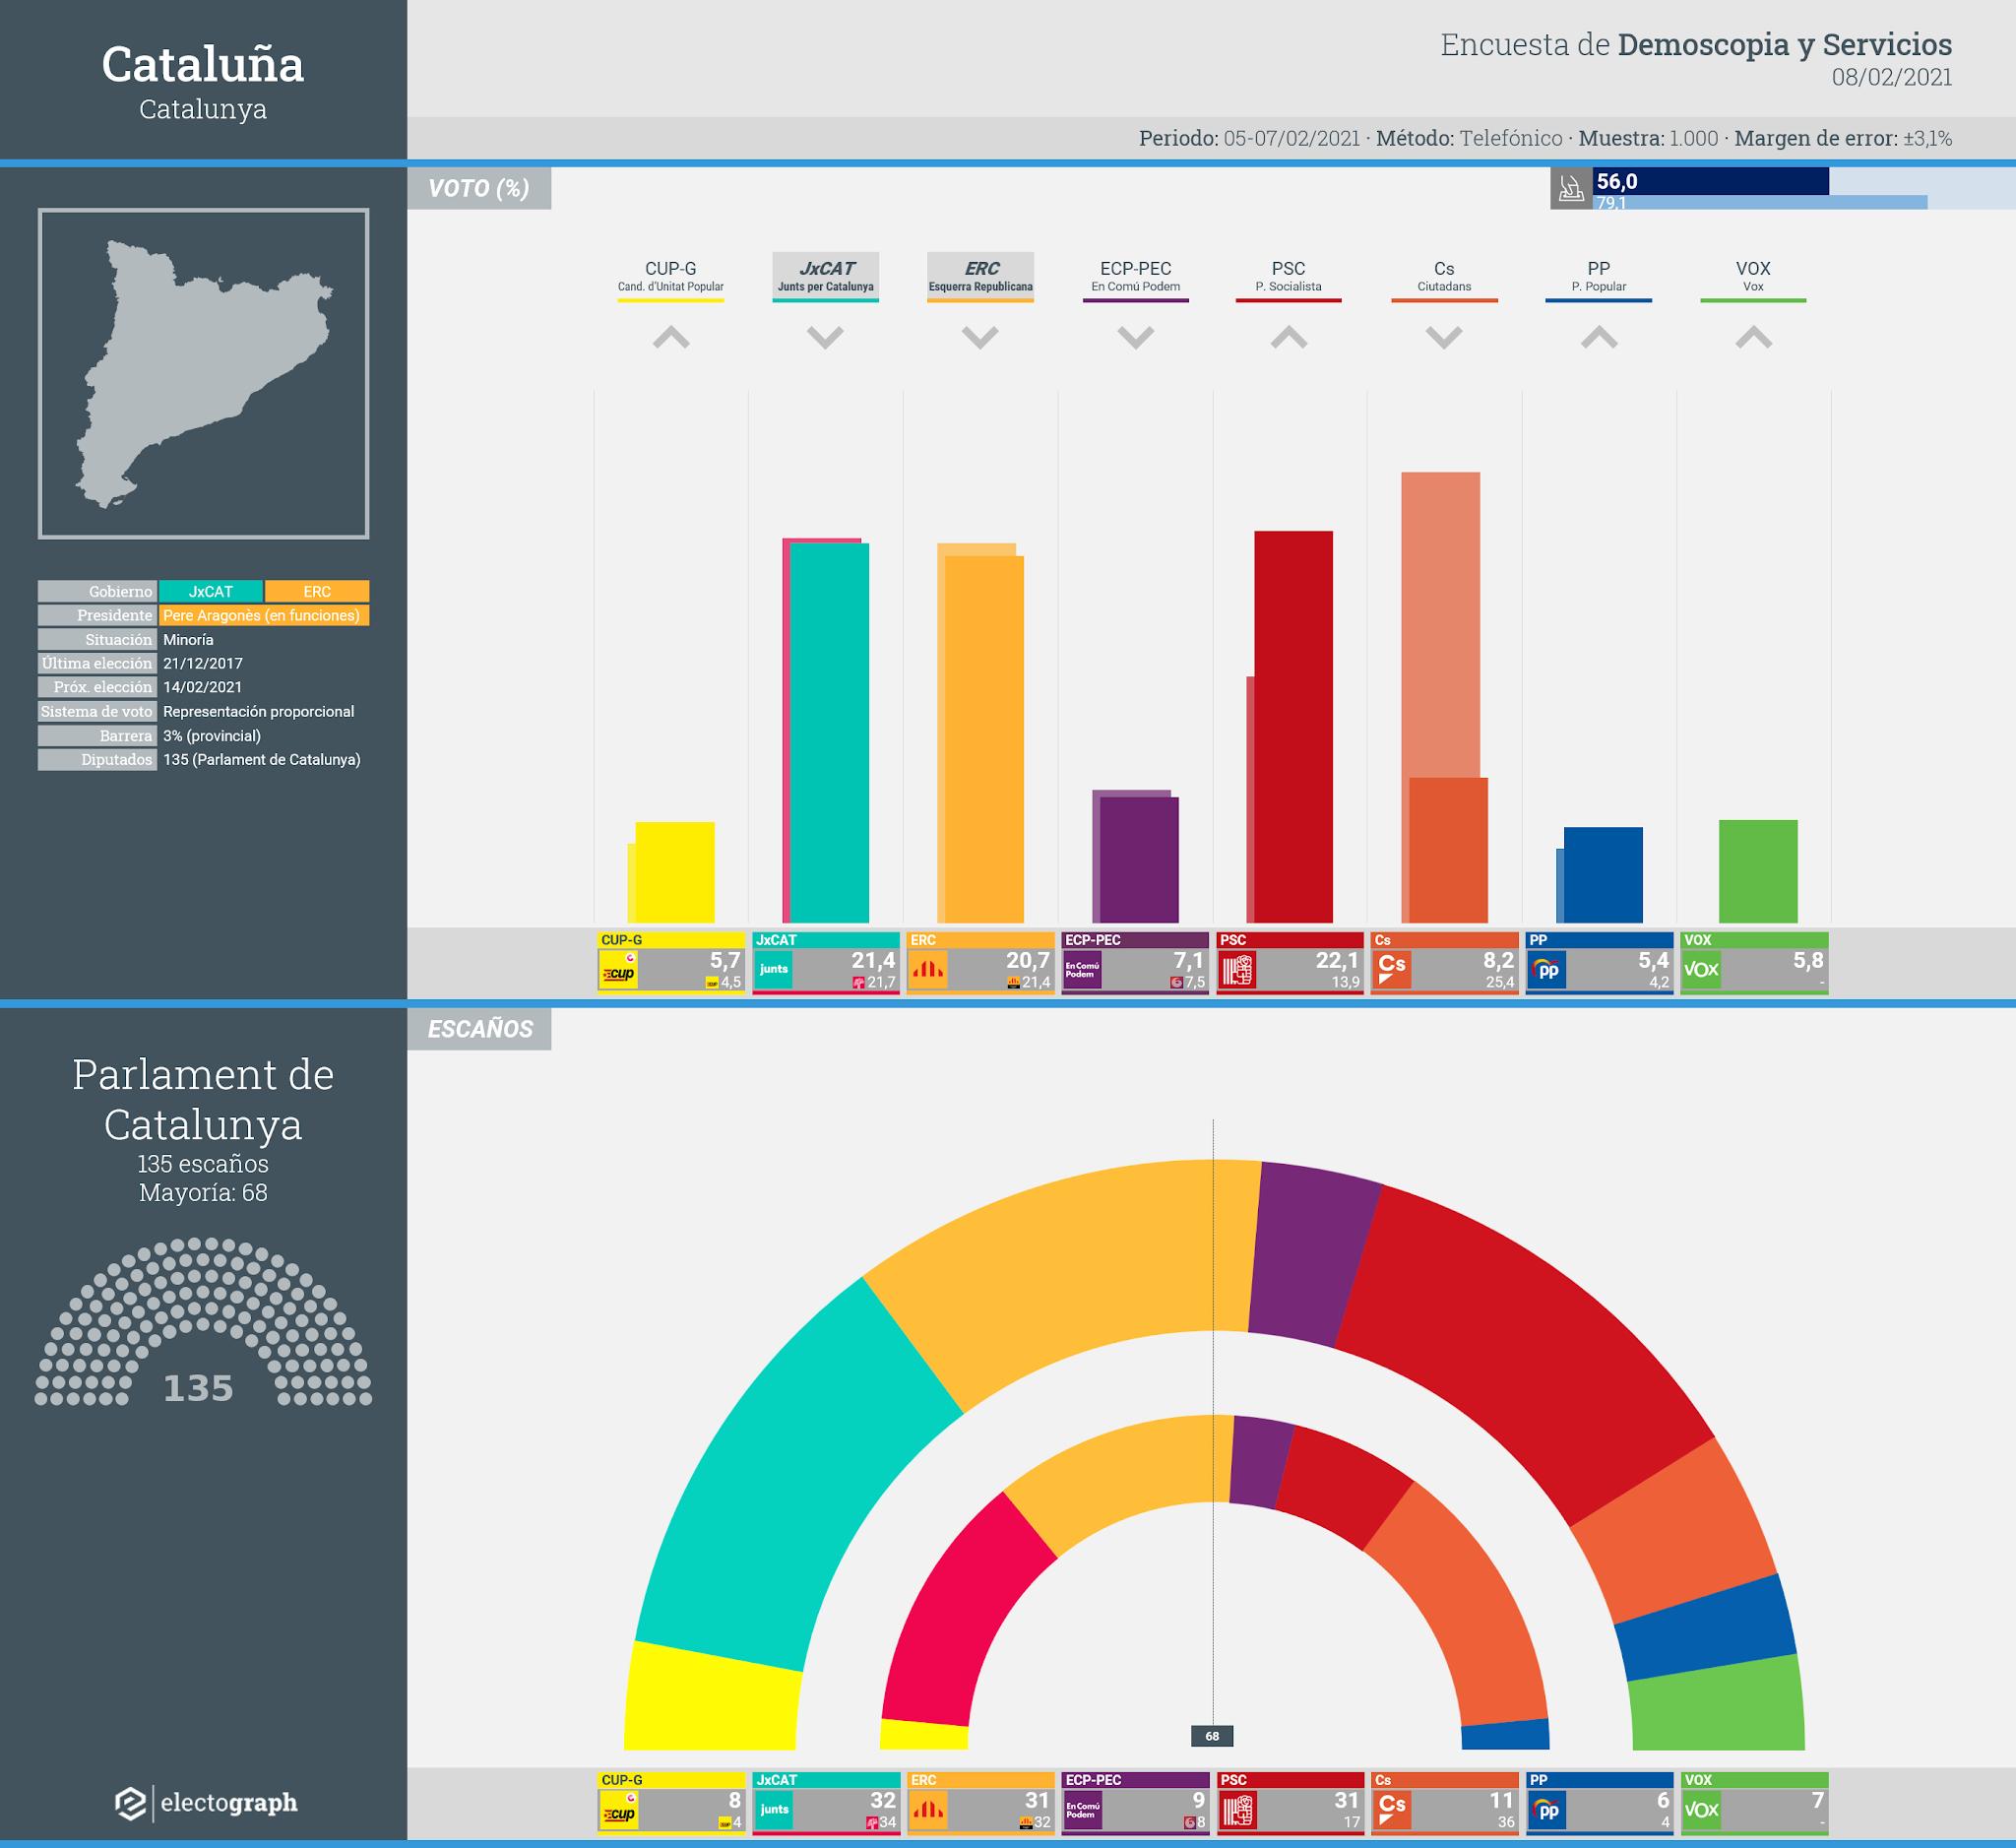 Gráfico de la encuesta para elecciones generales en Cataluña realizada por Demoscopia y Servicios, 8 de febrero de 2021